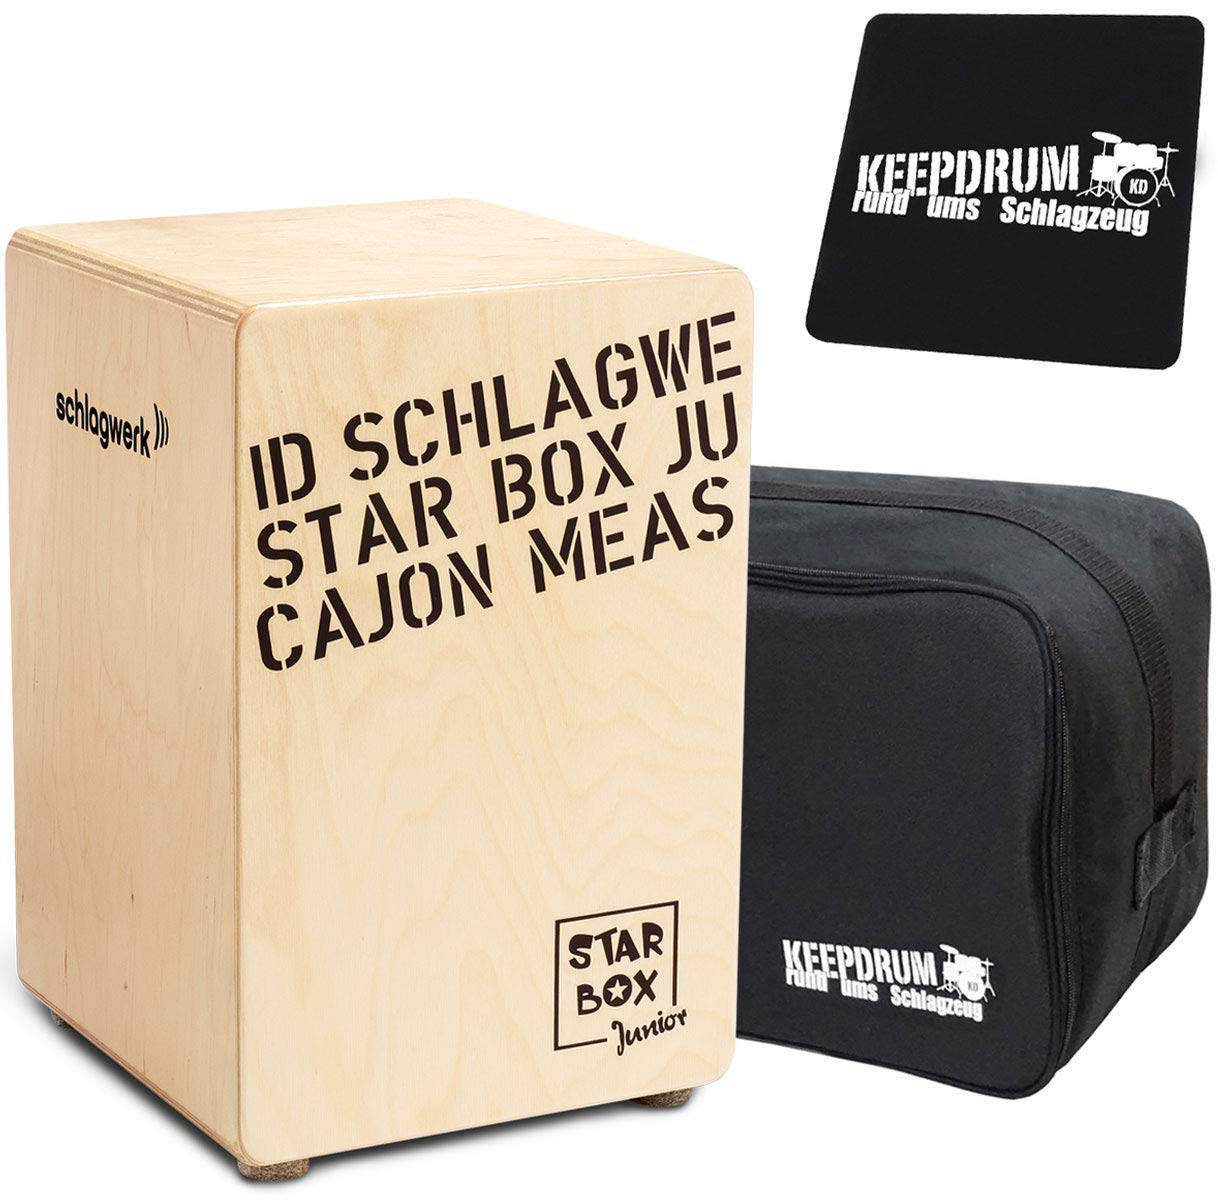 Schlagwerk CP400 SB Starbox Junior - Cajón de percusión para niños, incluye funda y almohadilla para asiento: Amazon.es: Instrumentos musicales